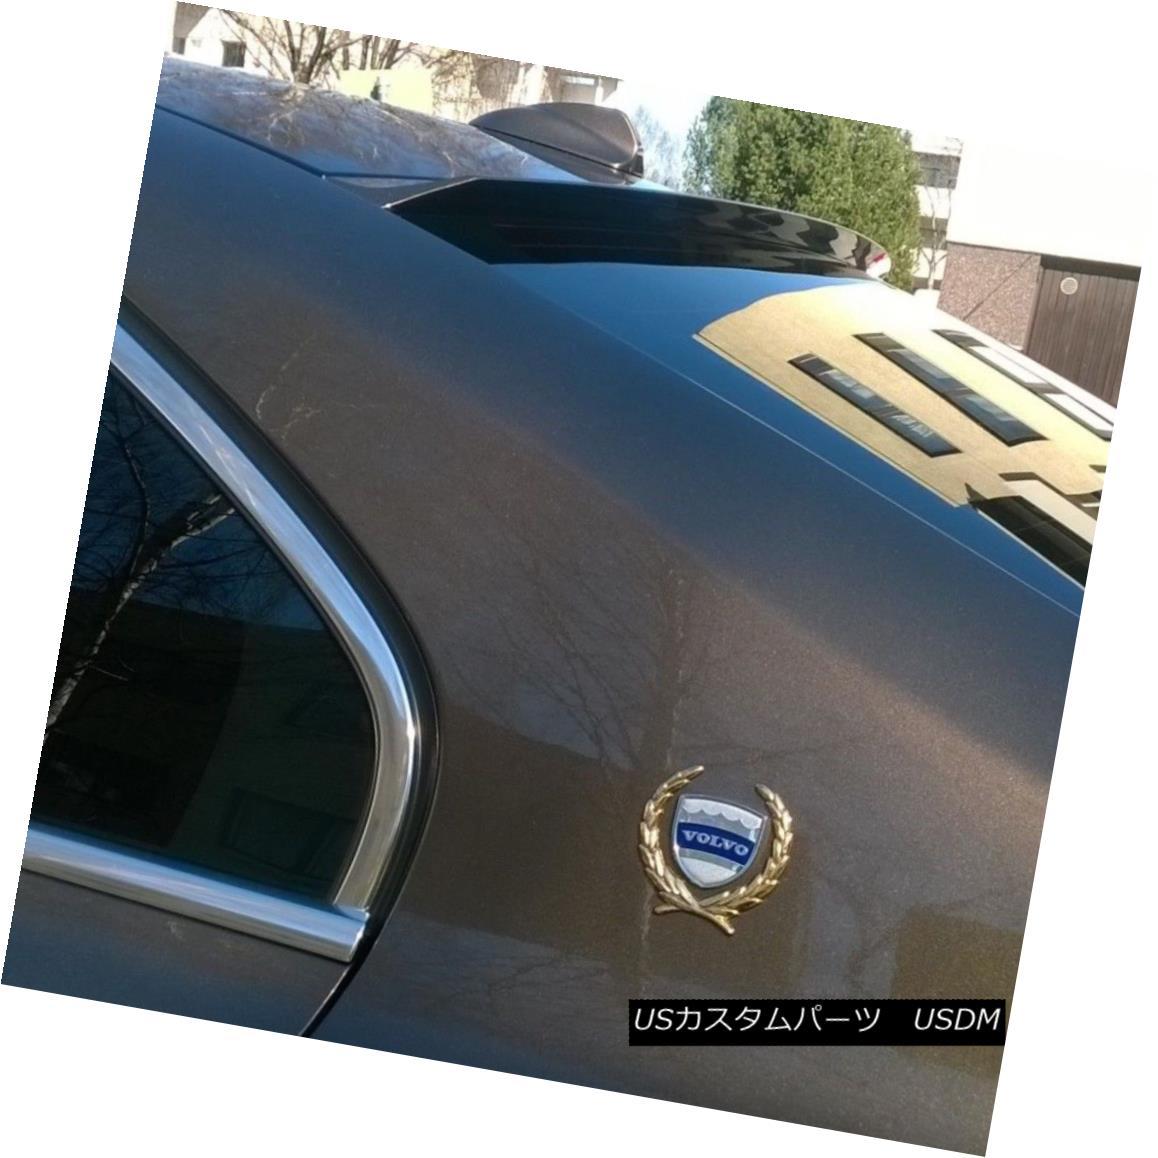 エアロパーツ Painted LRS Style Rear Roof Spoiler For Dodge Charger SRT8 Sedan 2011 - 2014 ? ダッジチャージャーSRT8セダン2011 - 2014のための塗装LRSスタイルのリアルーフスポイラー?